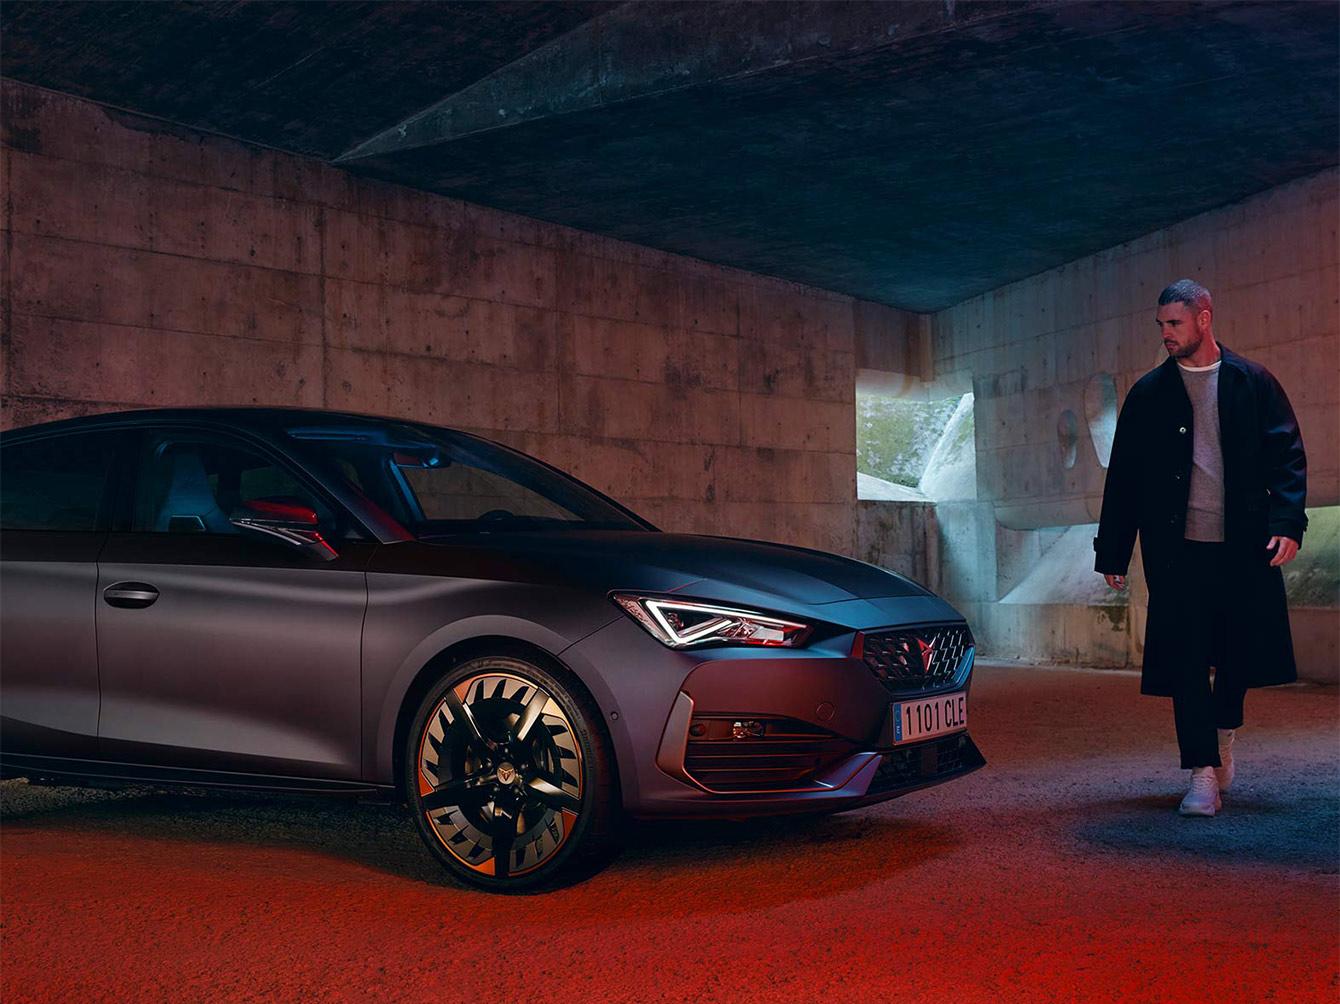 Nouvelle-CUPRA-Leon-ehybrid-cinq-portes-technologie-magnétique-matte-voiture-sport-compacte-vue-latérale-avant-en-charge